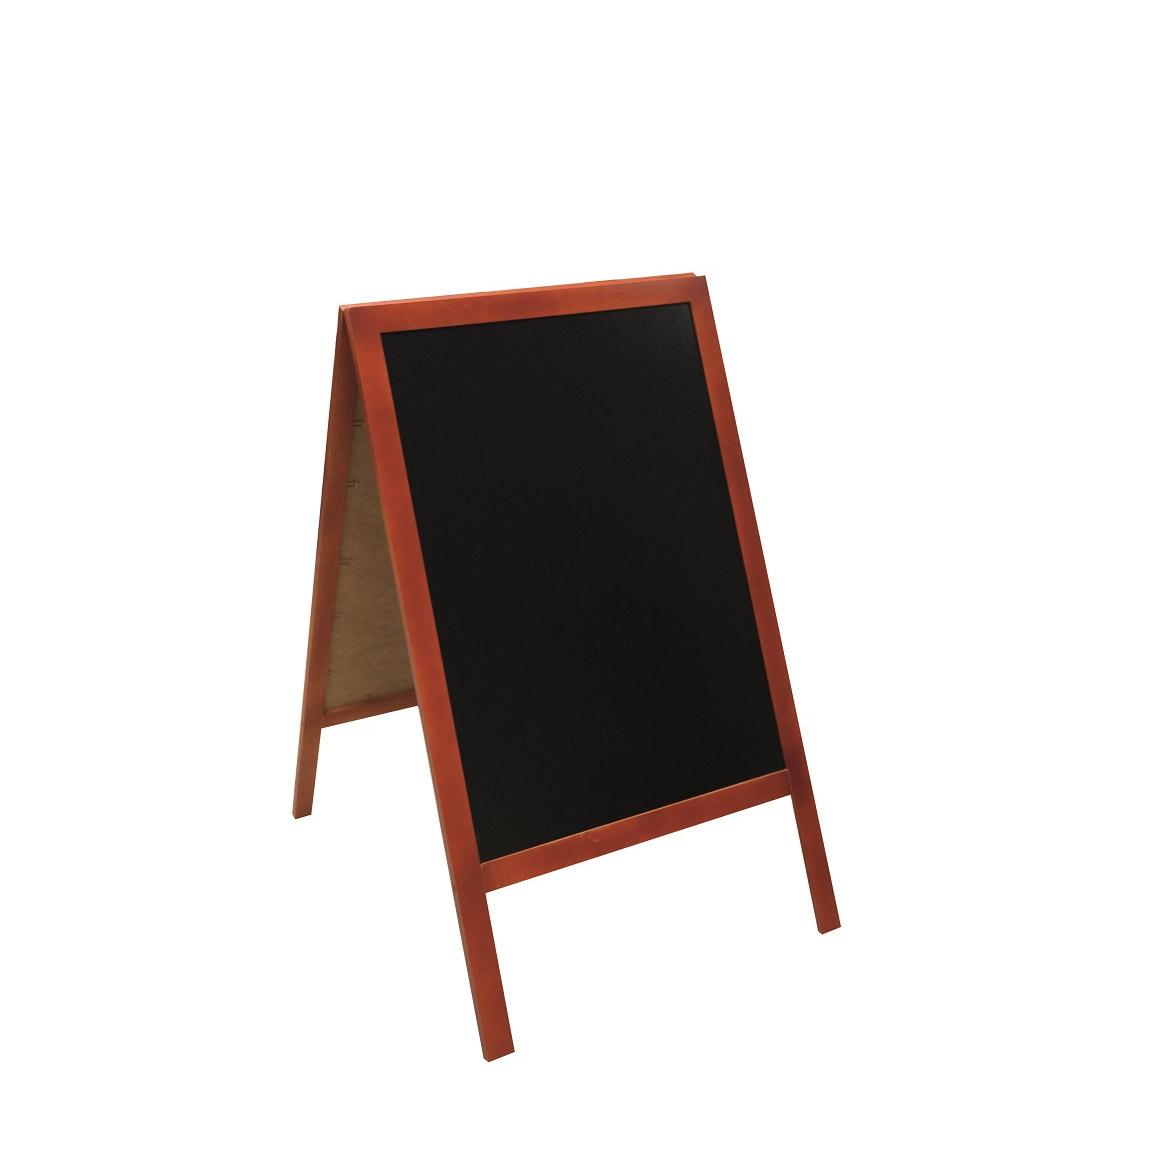 Dwustronny potykacz drewniany z tablicami kredowymi